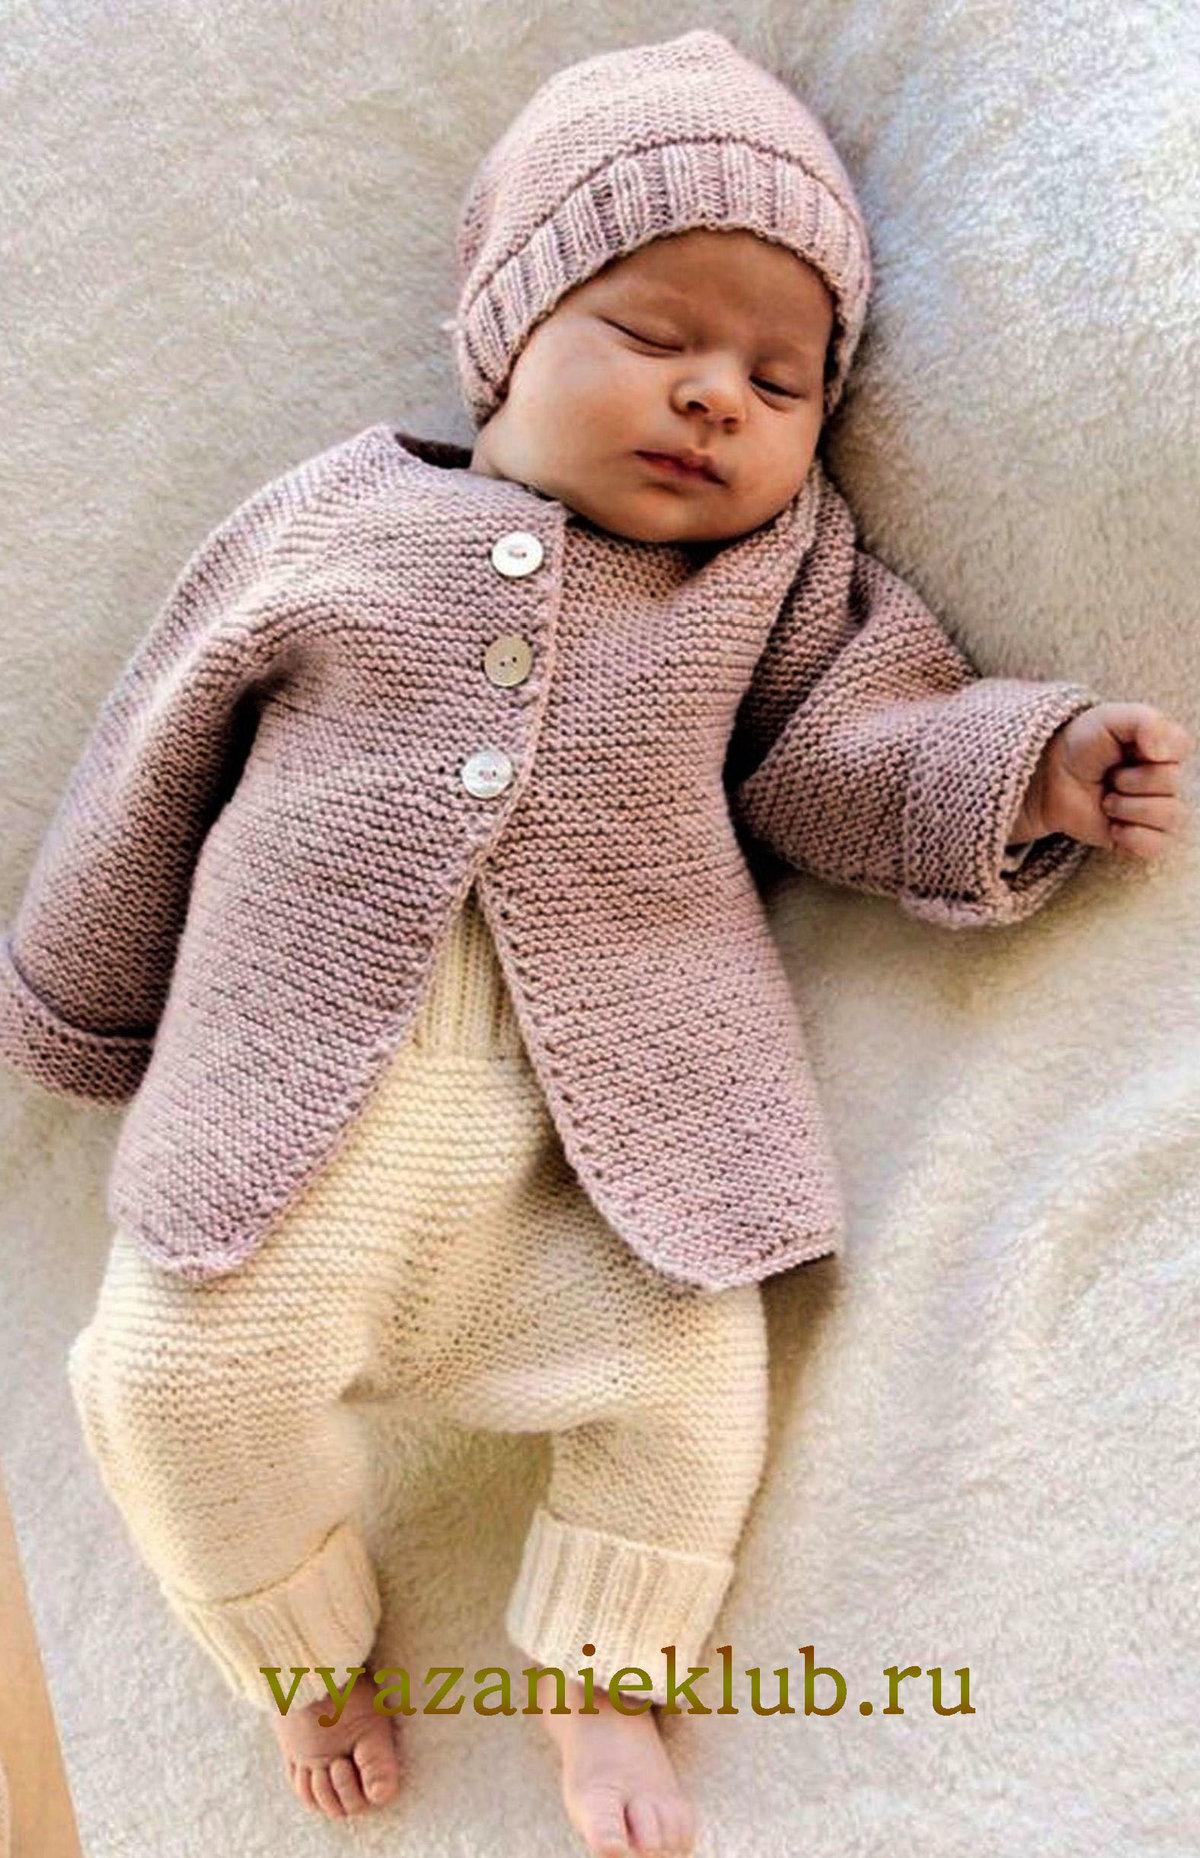 Вязание простой кофты для малыша